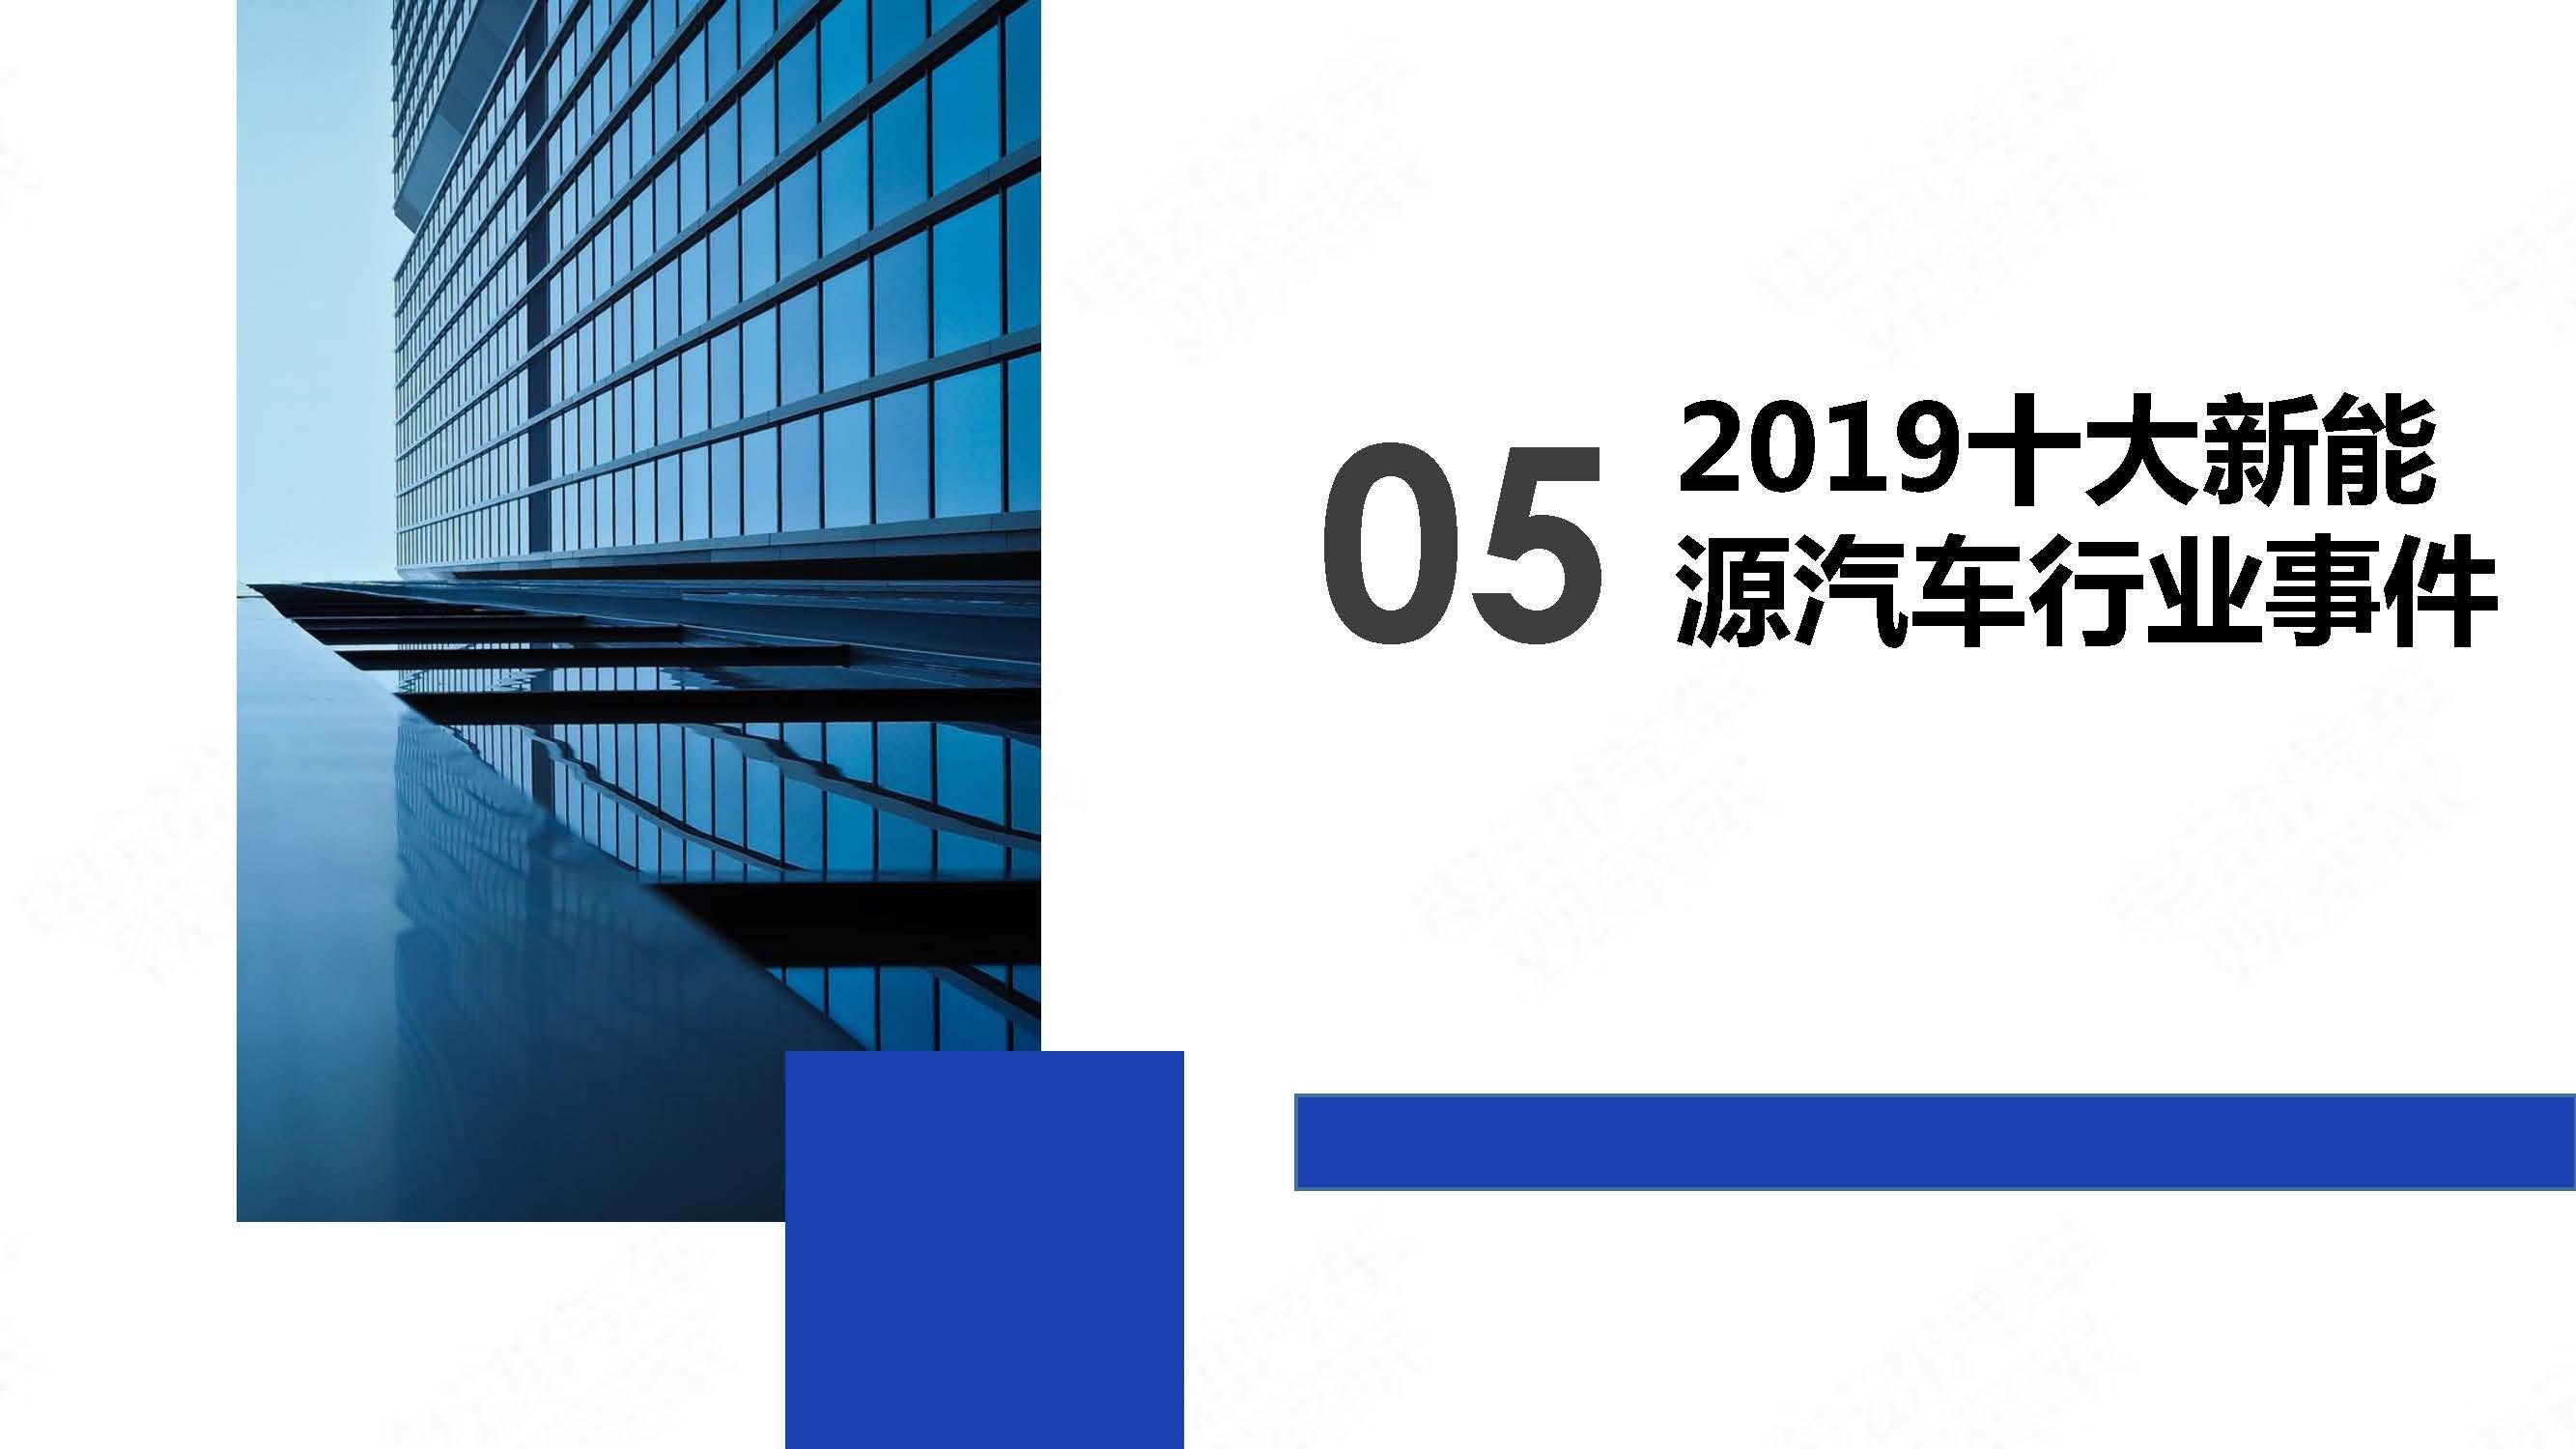 中国新能源汽车产业年度观察2020 简版_页面_47